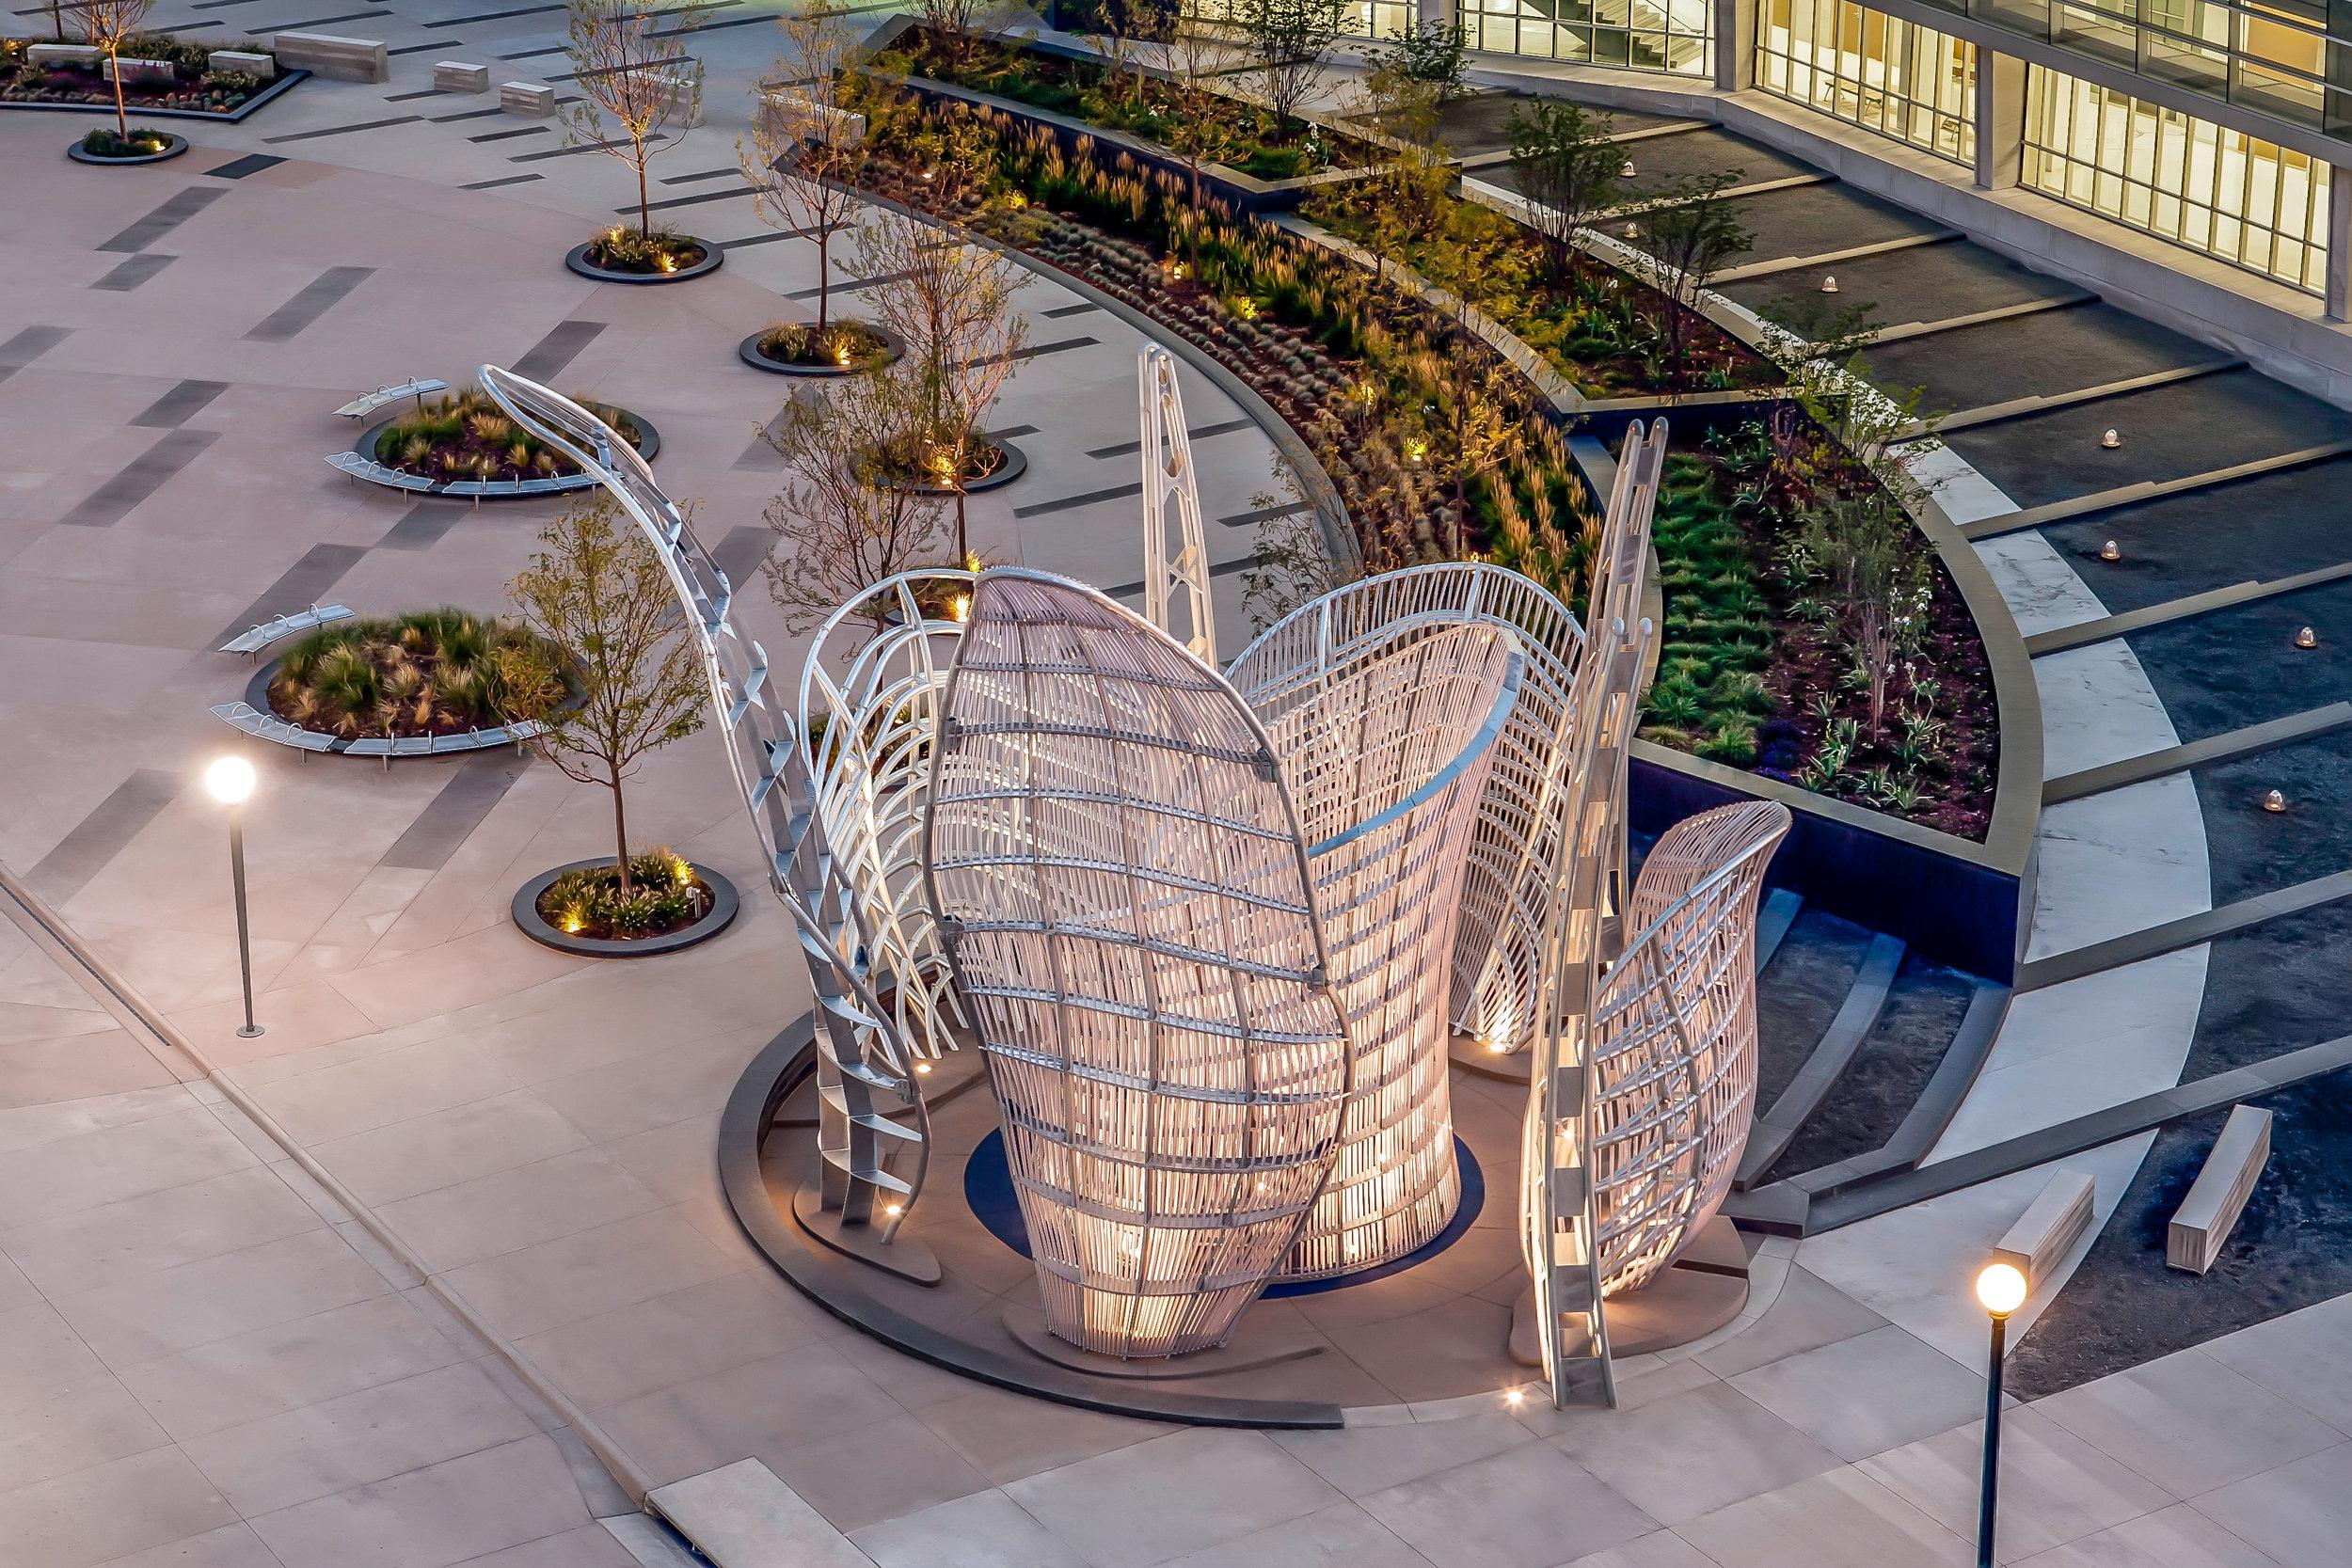 """<img src= studioINSITE_Denver_Justice_Center_Art_Sculpture""""al t=""""denver_museum_photography_civic_cultural_plaza_landscapearchitecture_urbandesign_sculpture_art_celebration""""title=  """"  Denver Justice Center""""  />"""